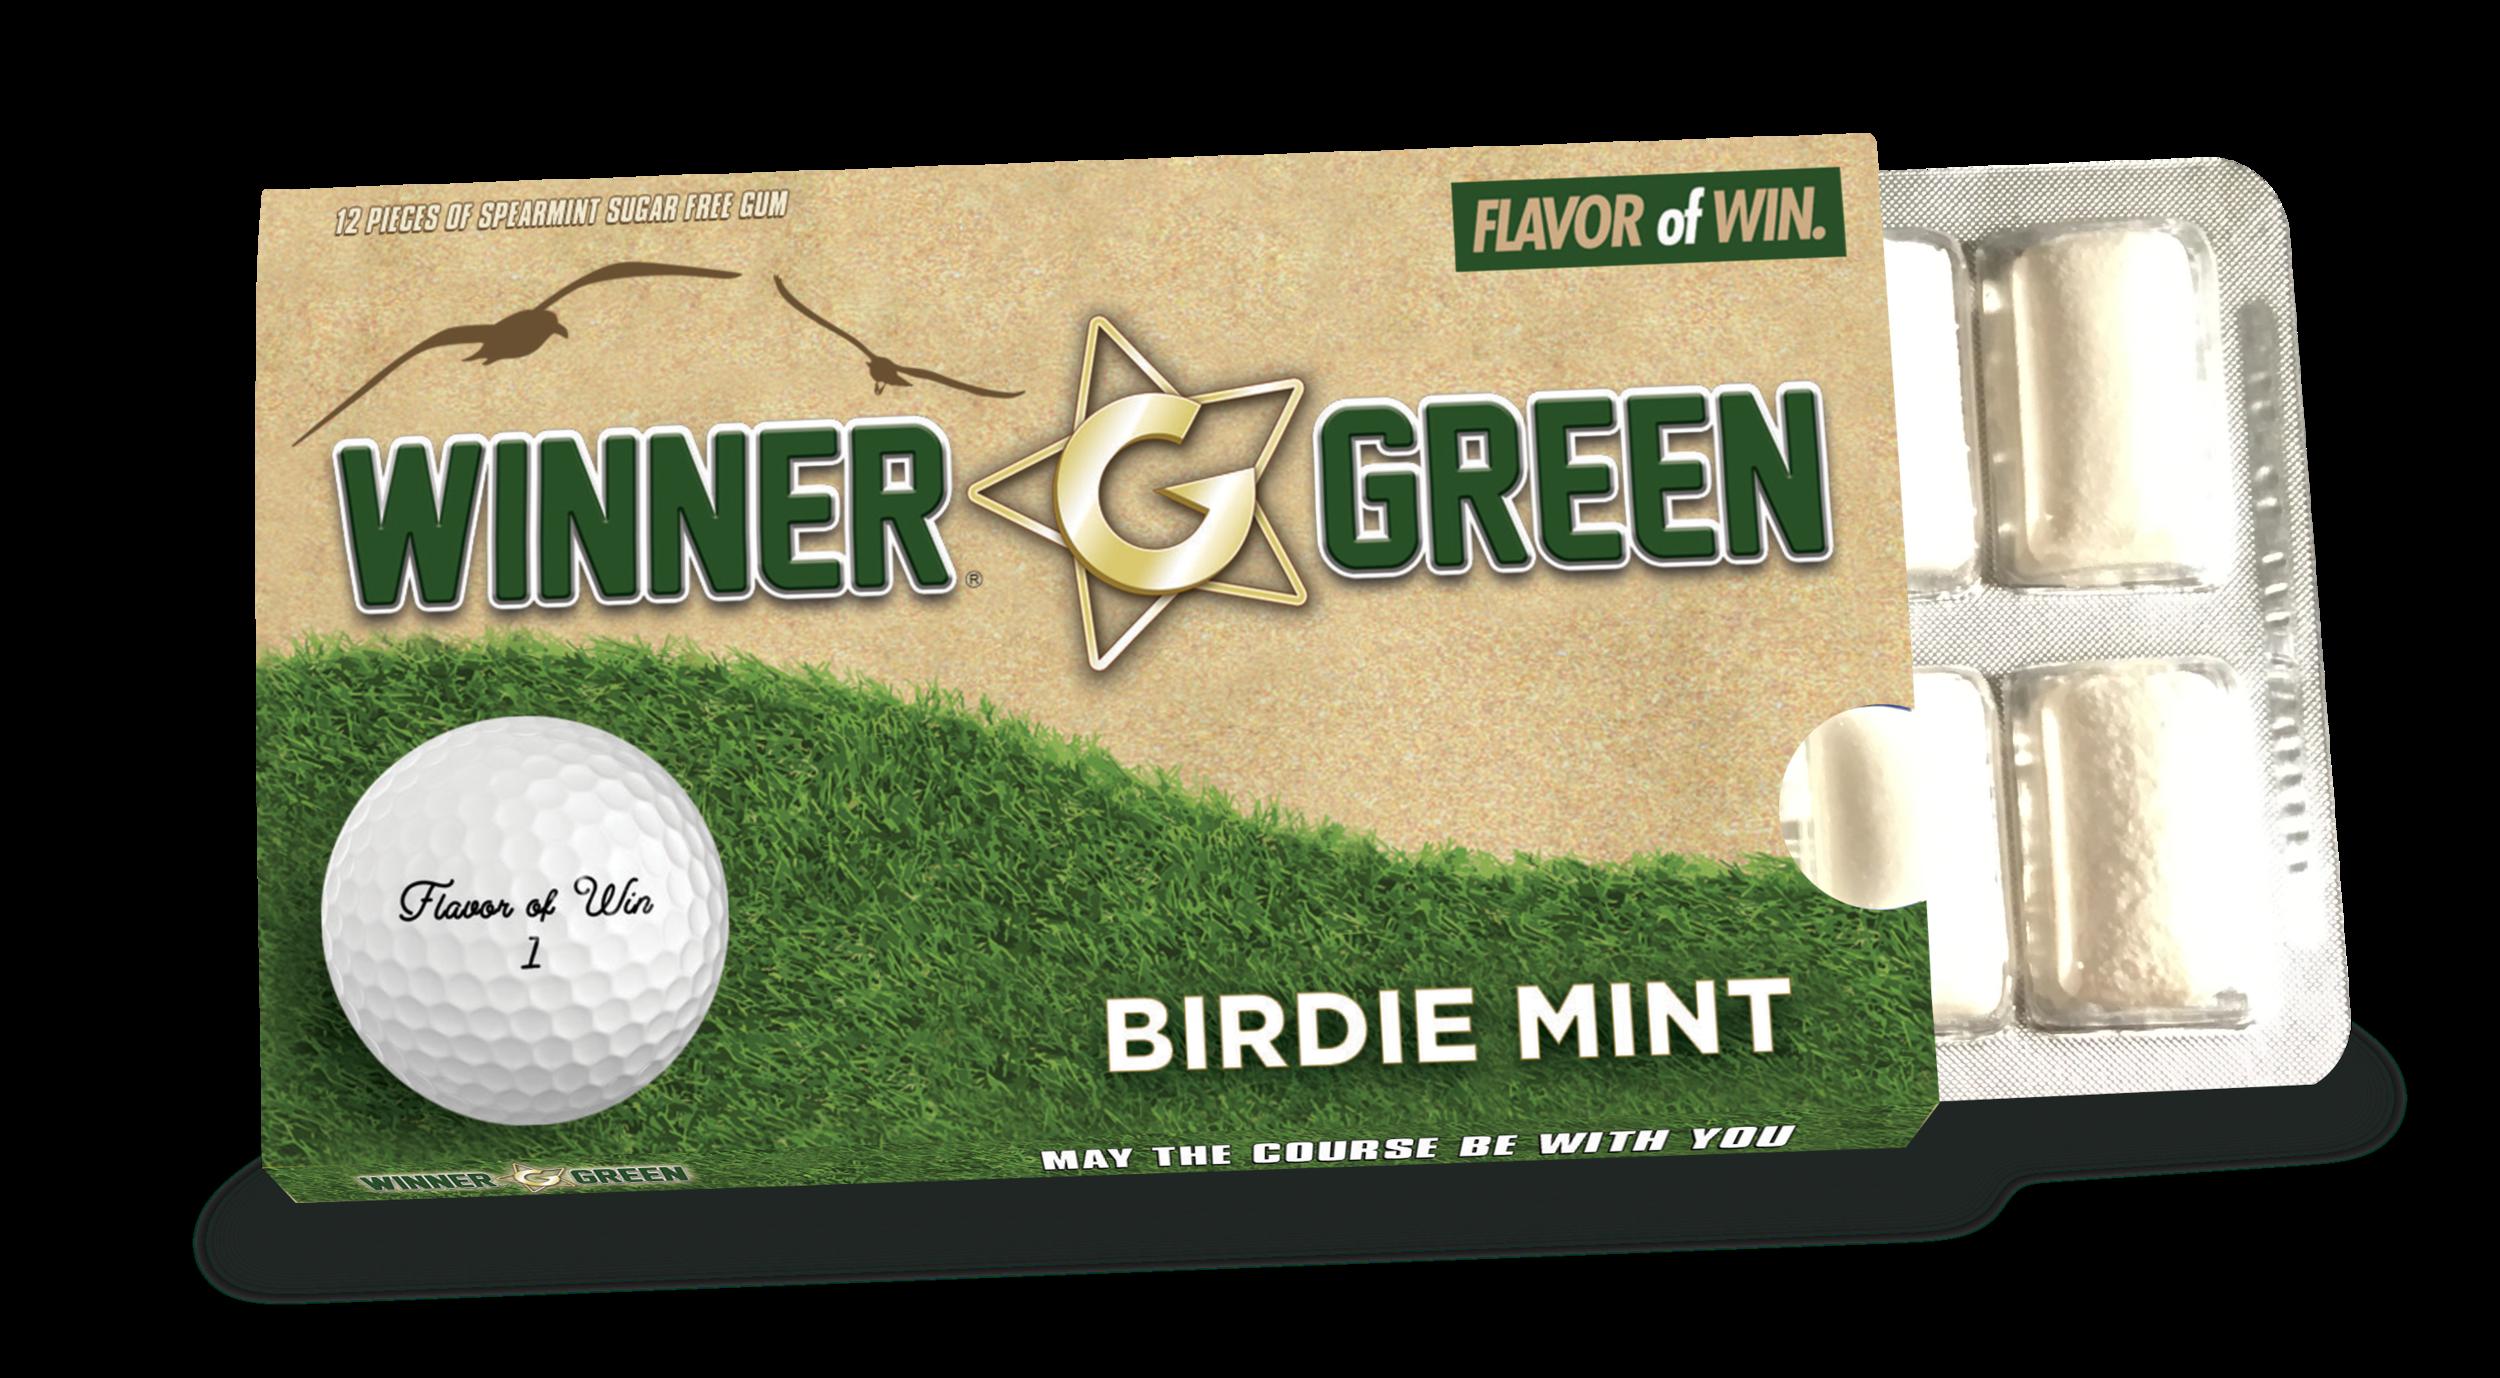 Winner Green Birdie Mint